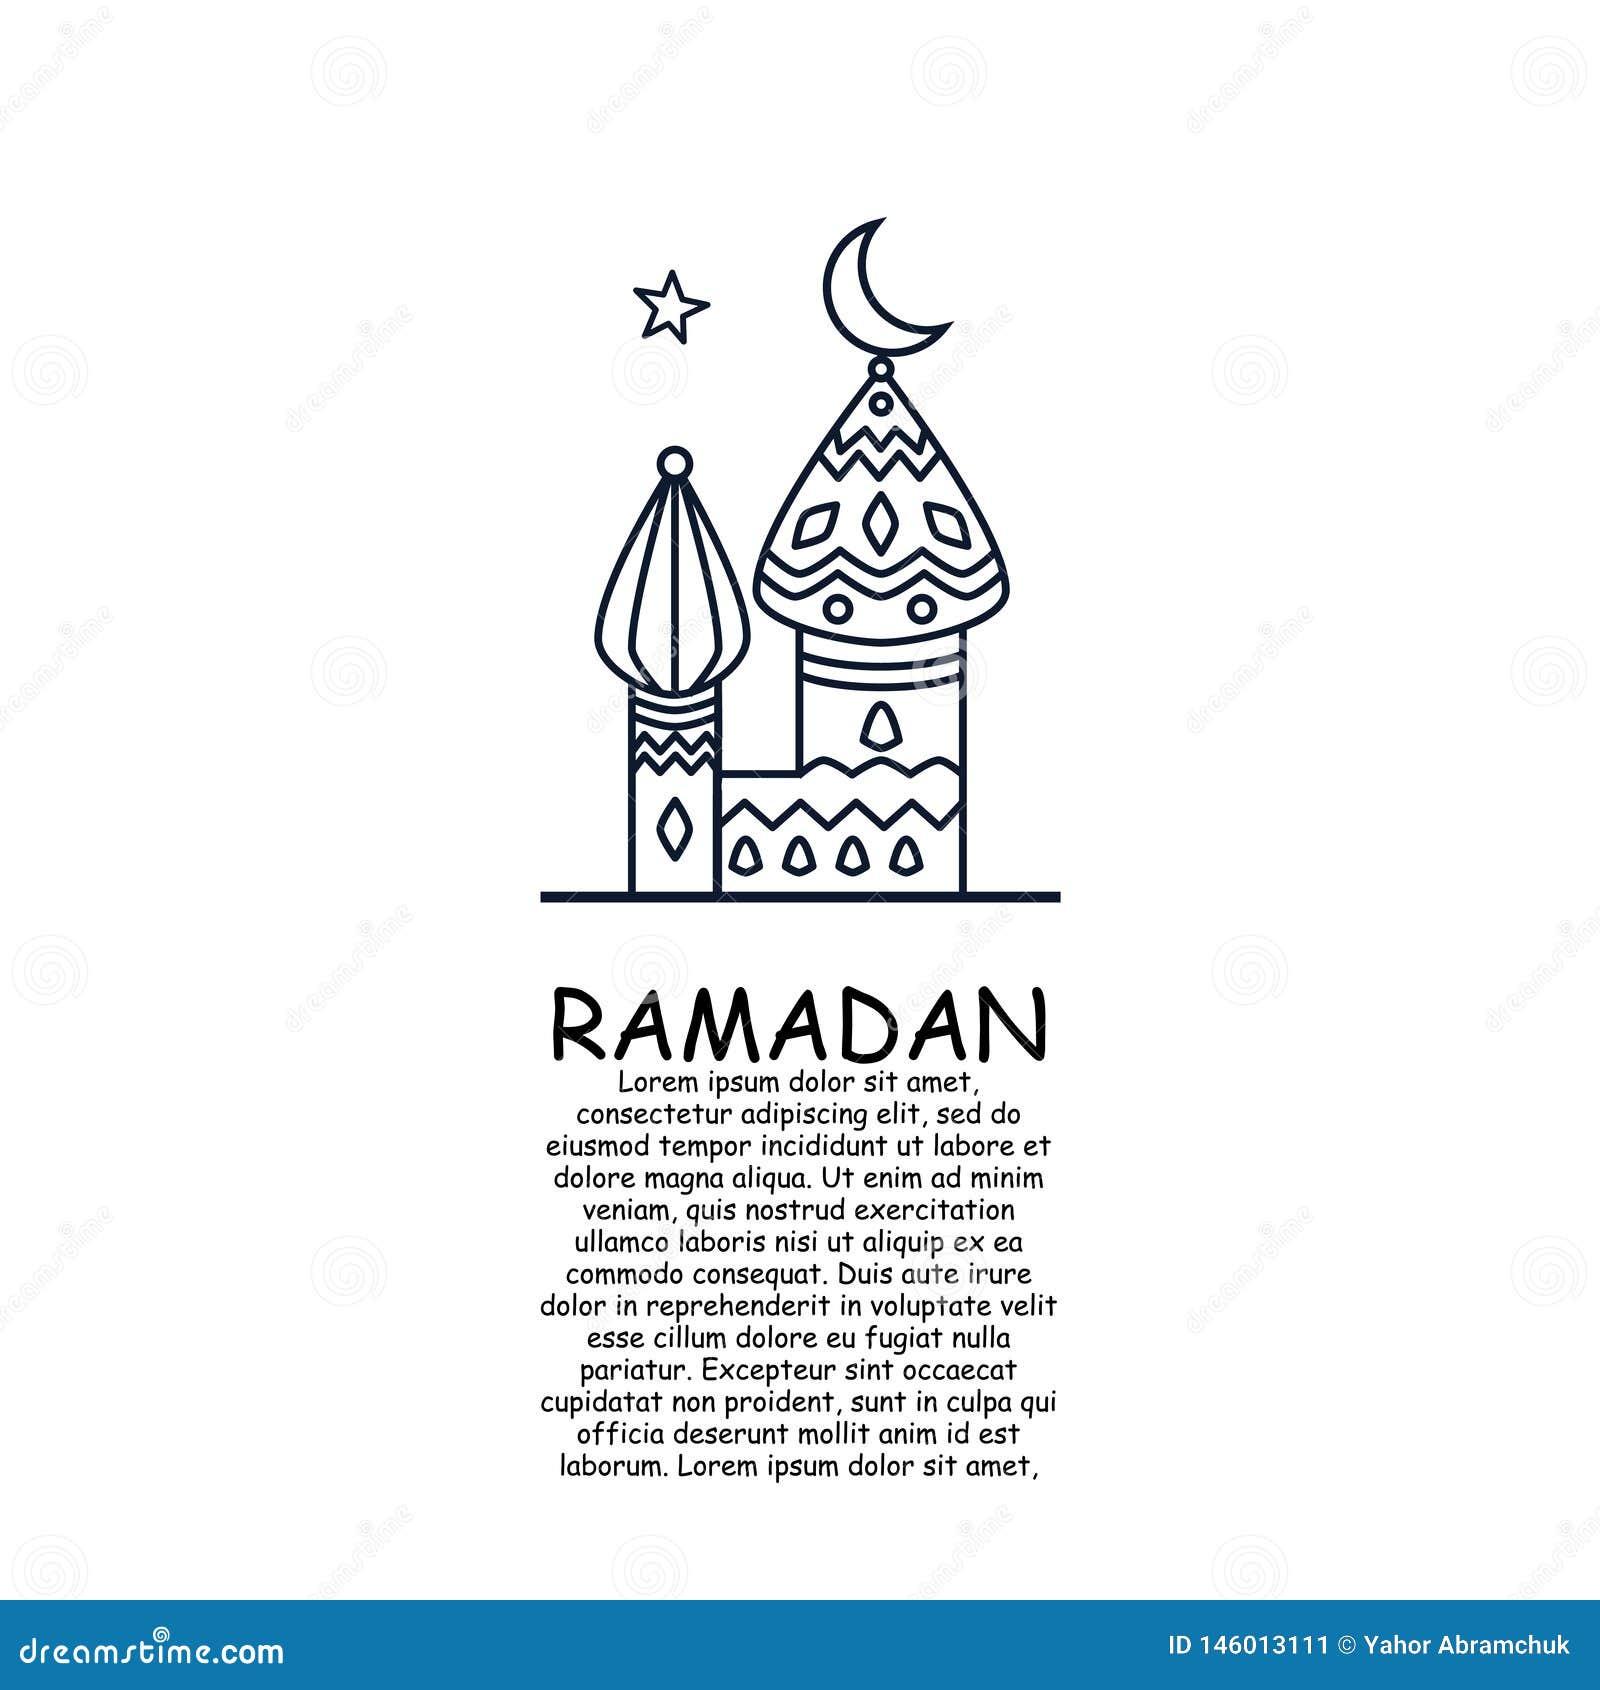 Entwurfs-Moscheengraphik des Ramadan-Ikonenlogovektors arabische